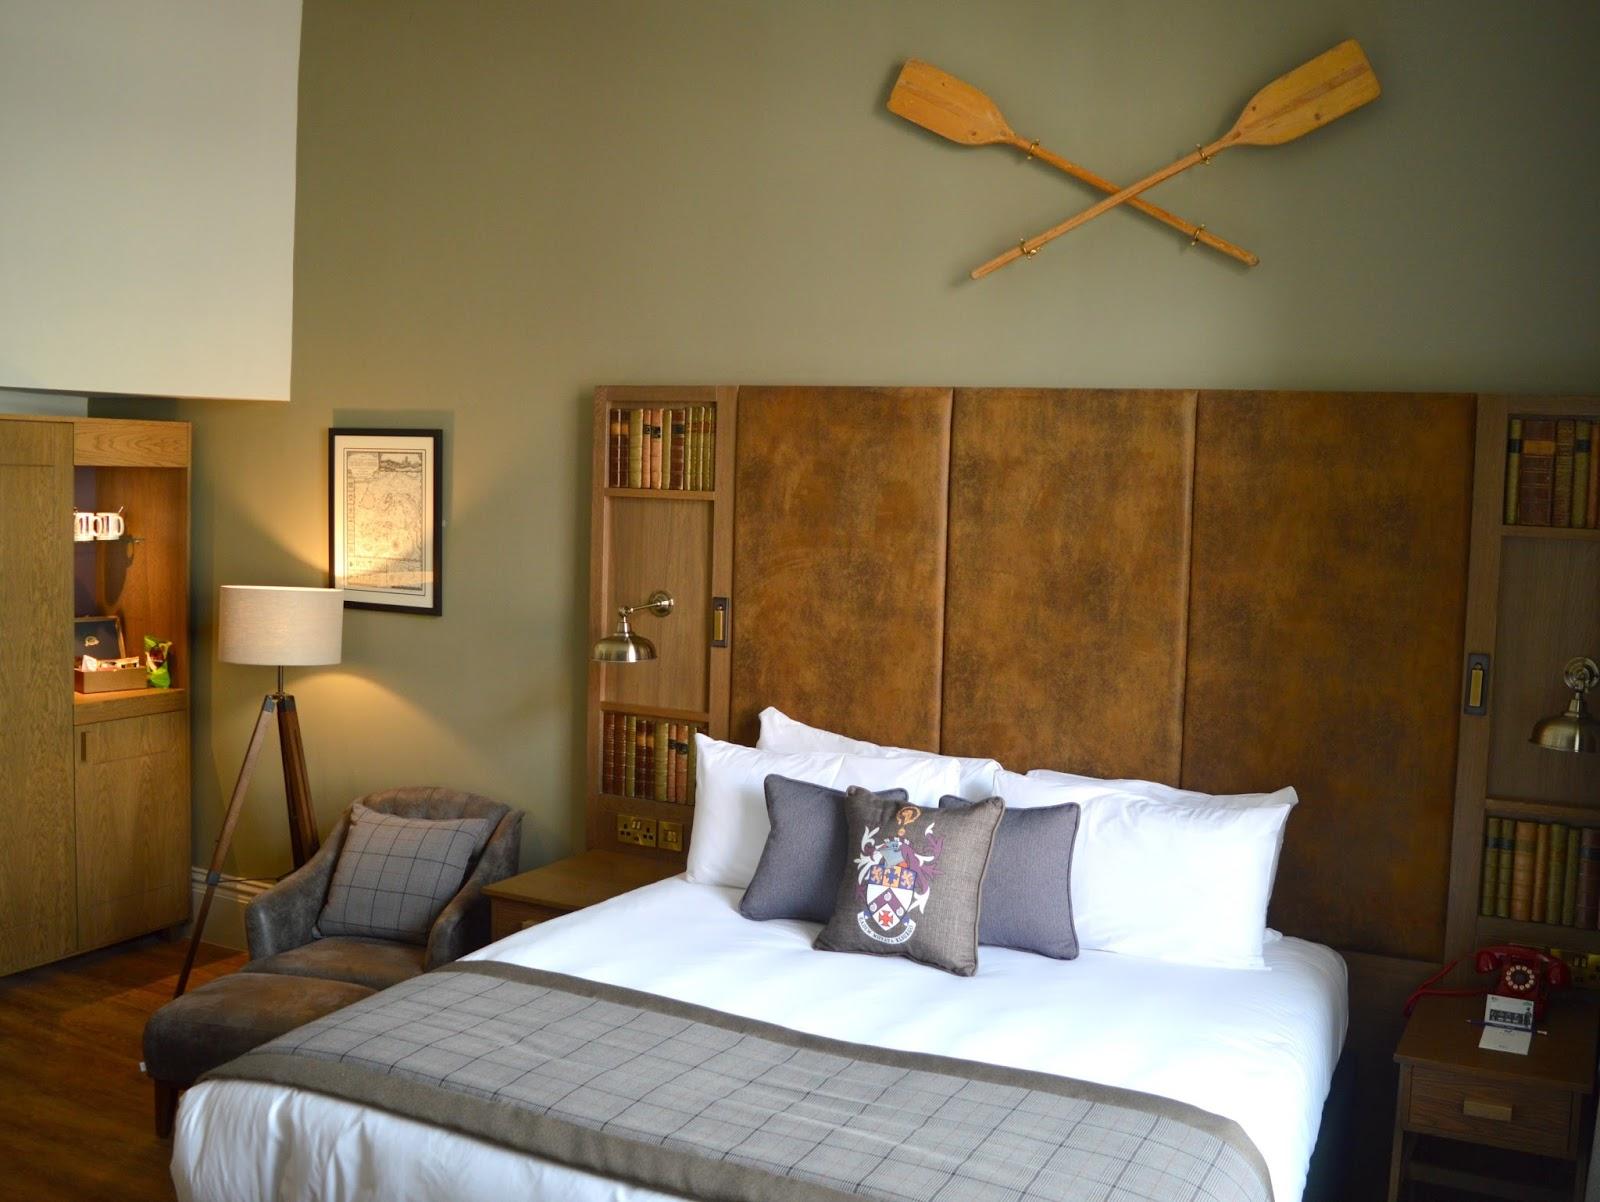 Hotel Indigo Durham - Bedrooms